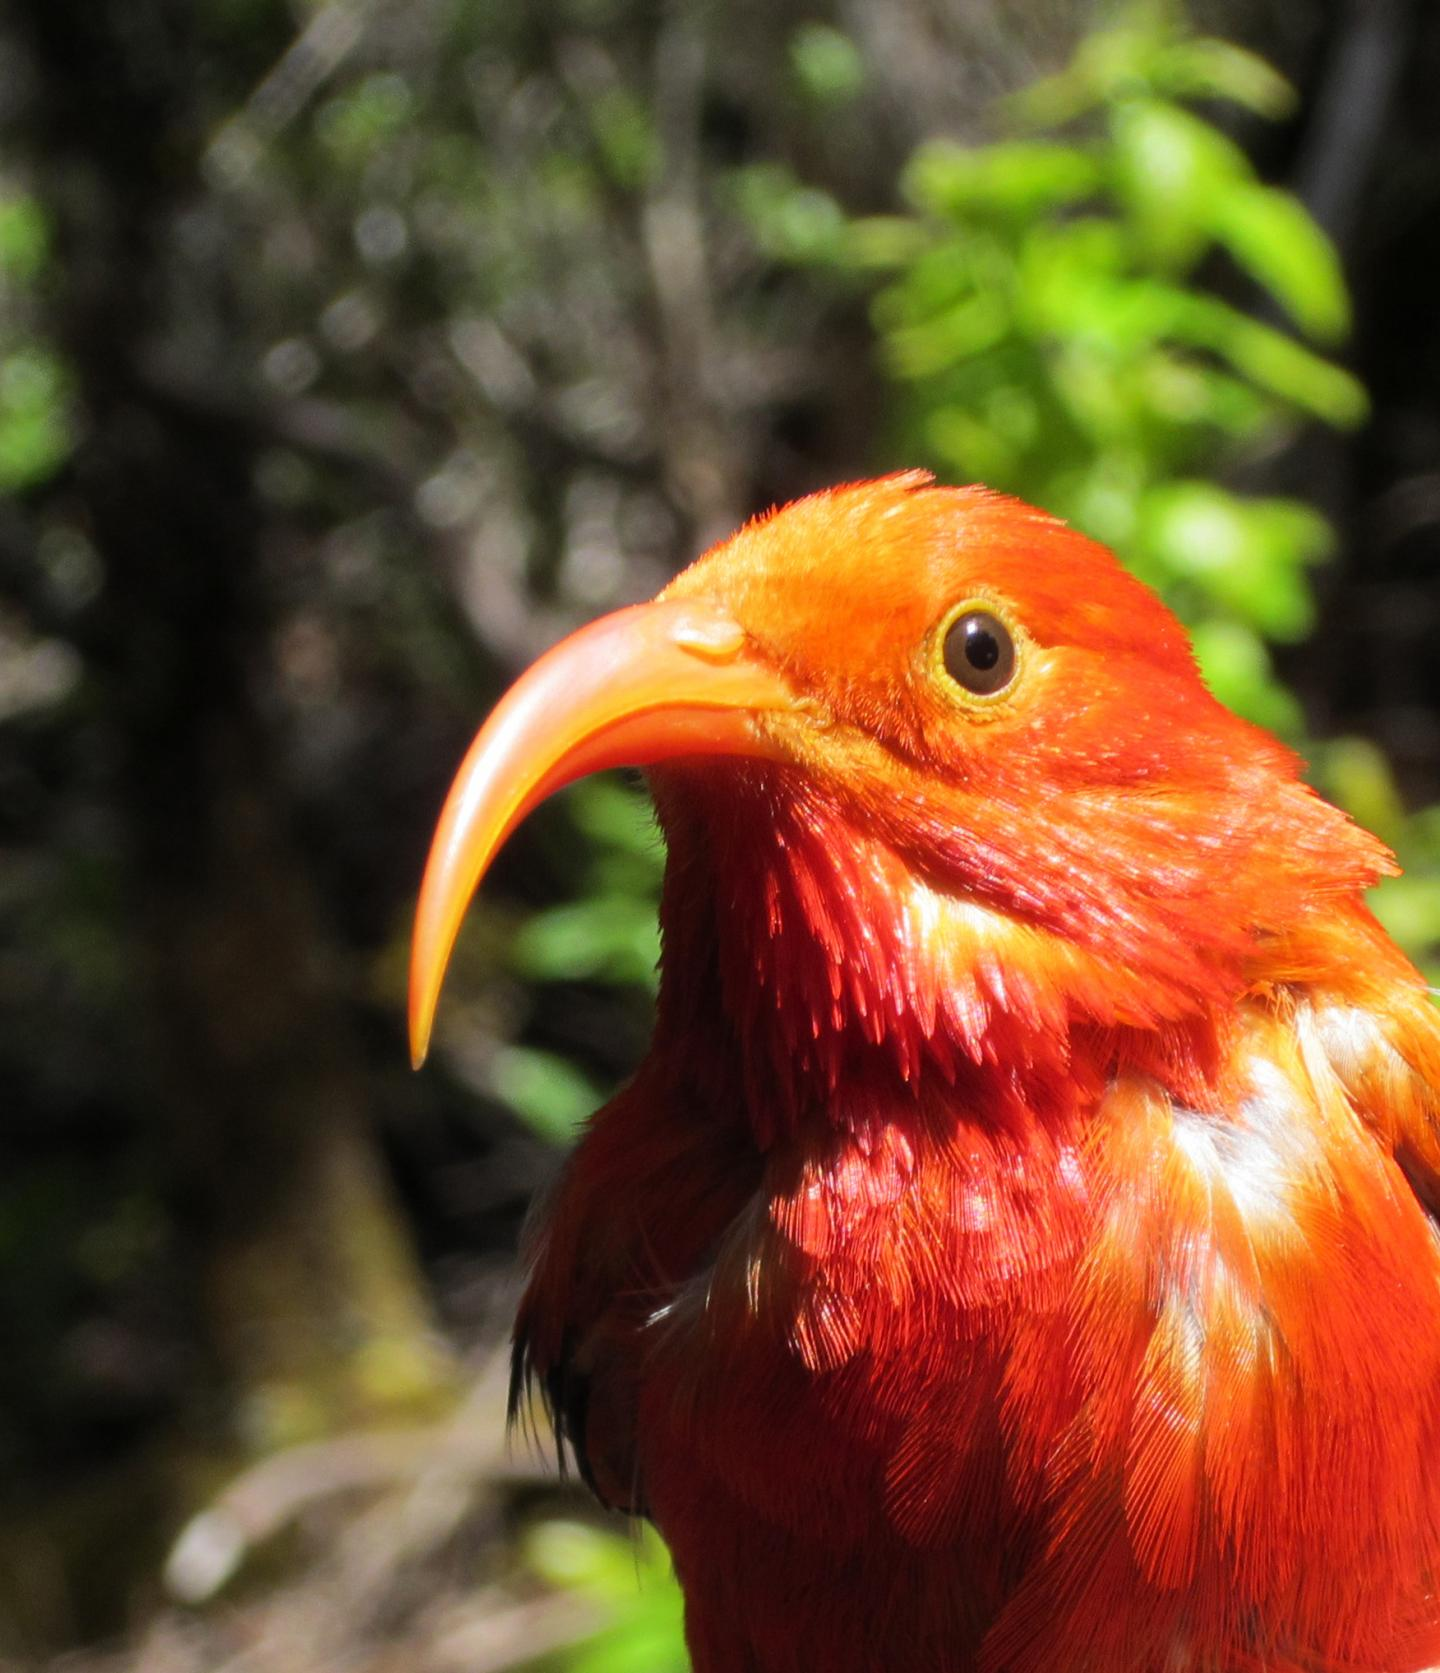 'I'iwi, a Bird Native to the Hawaiian Islands